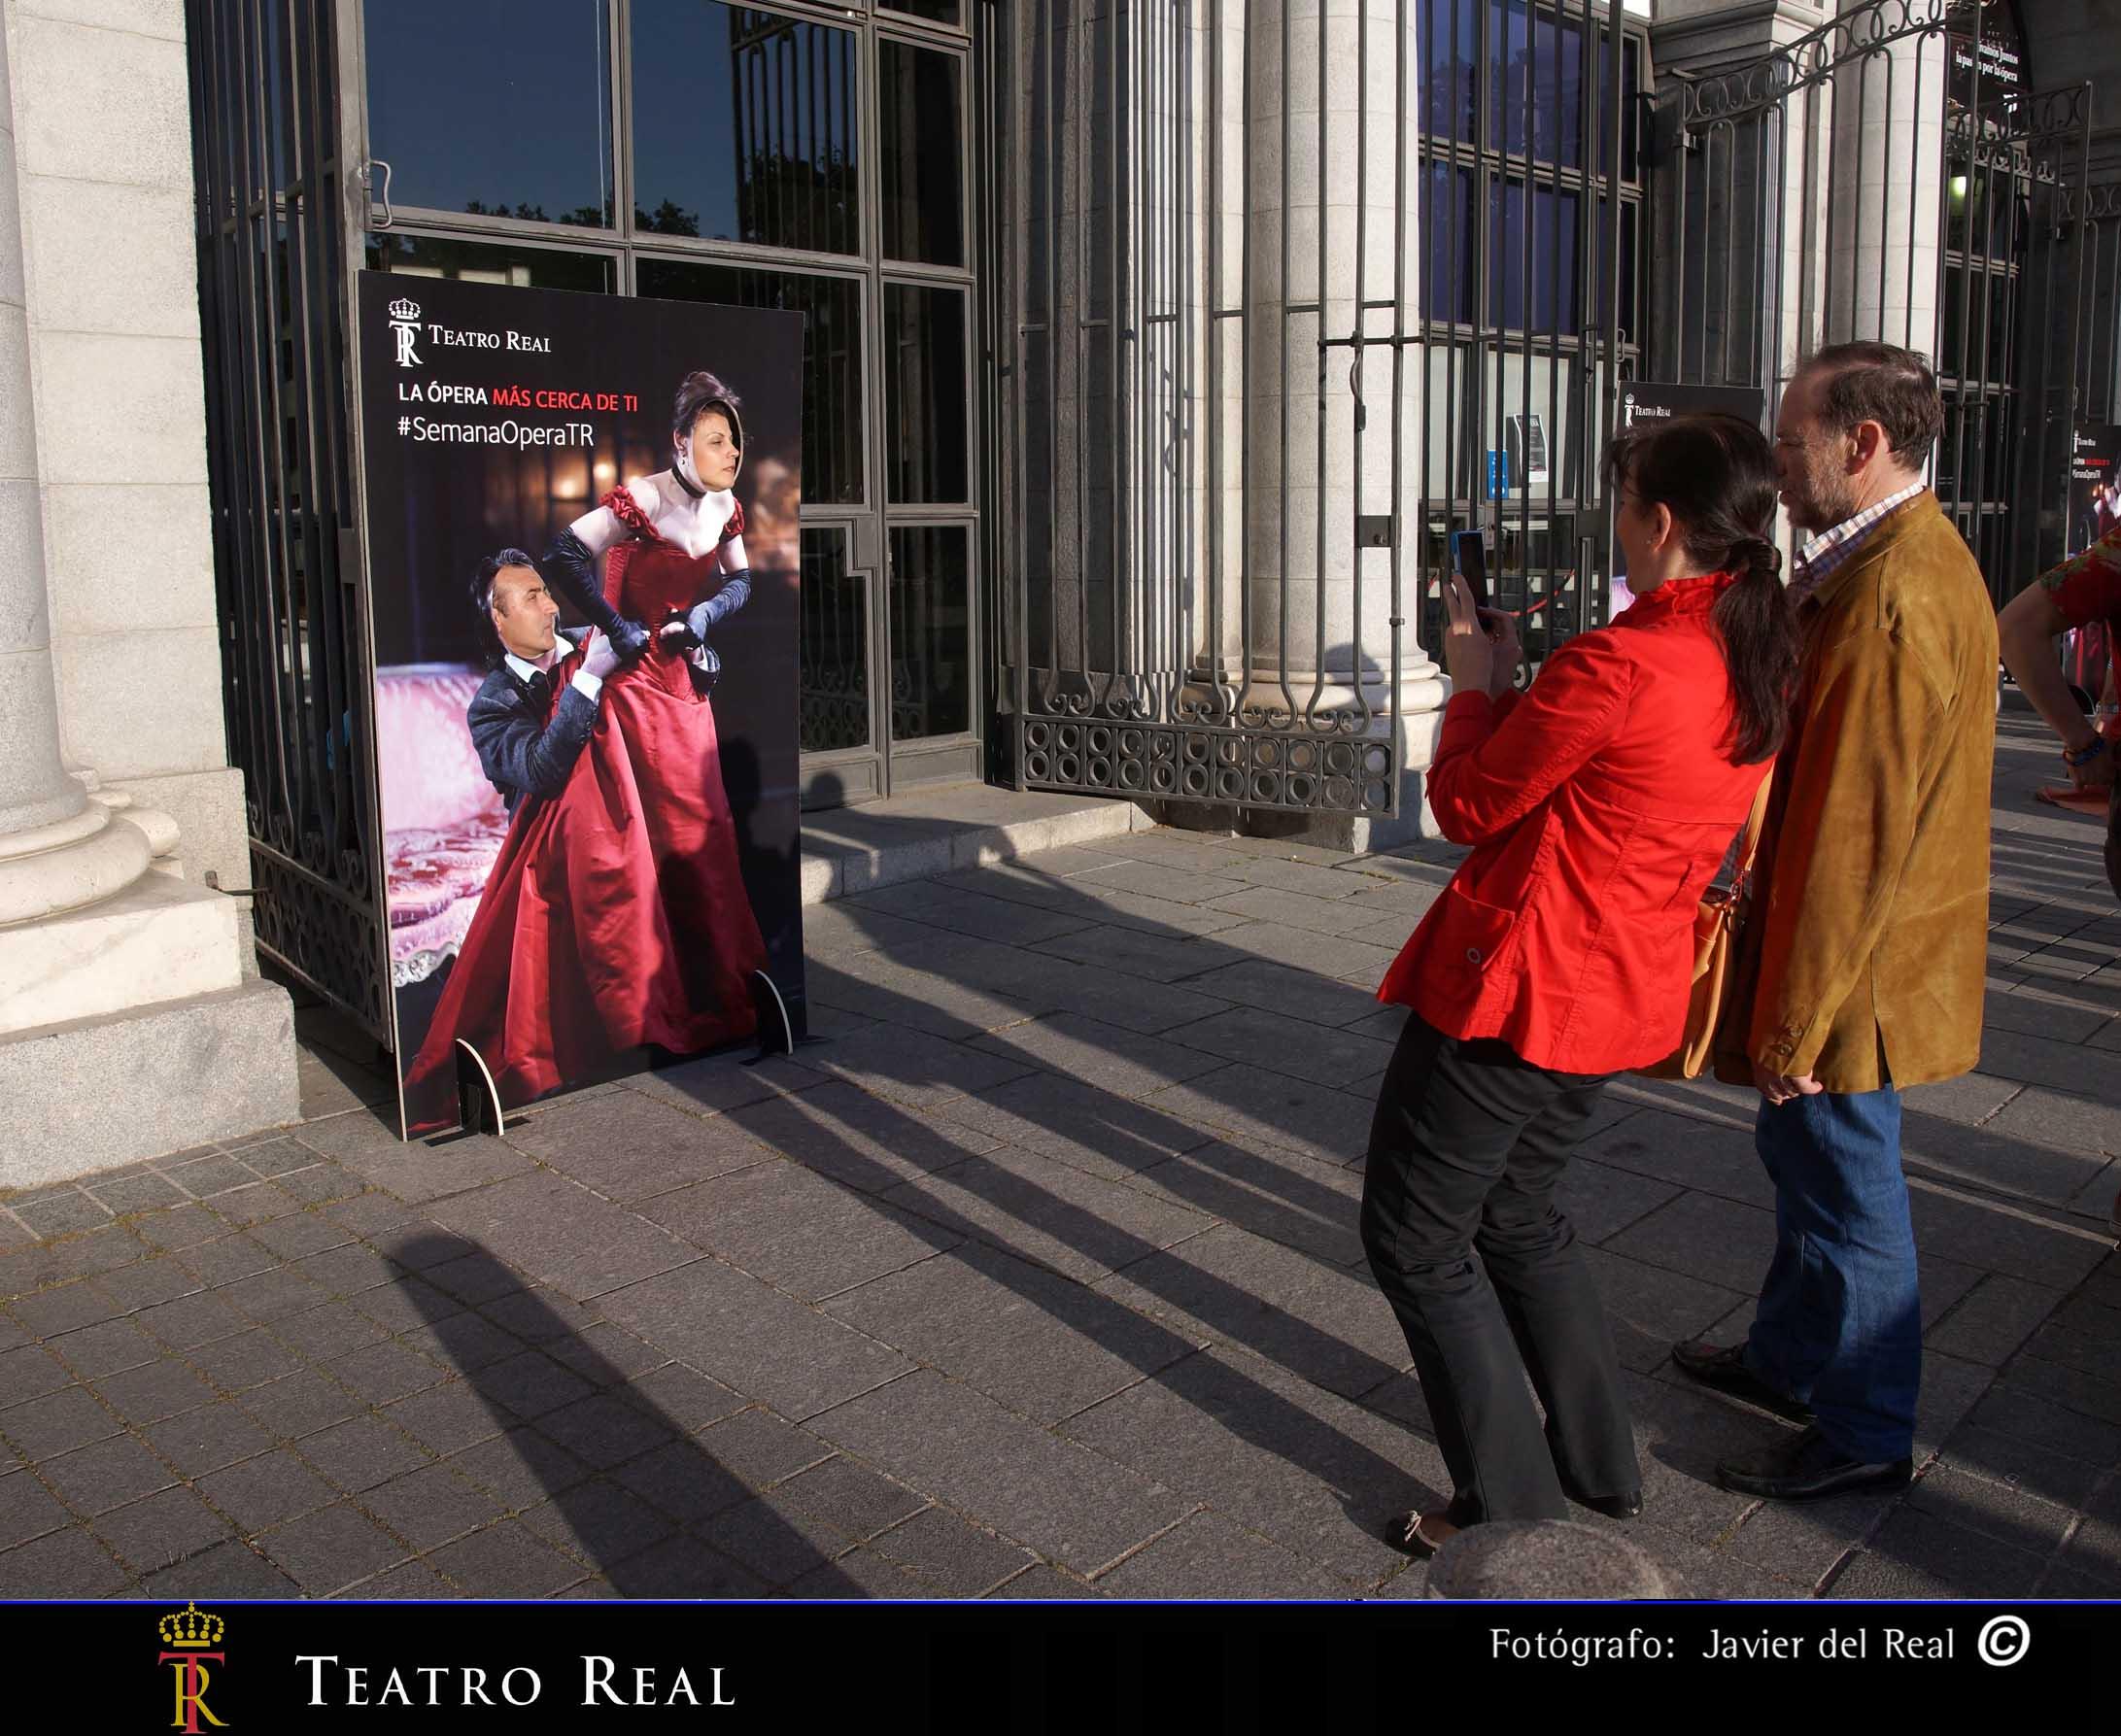 La Tertulia: La pasión por la ópera